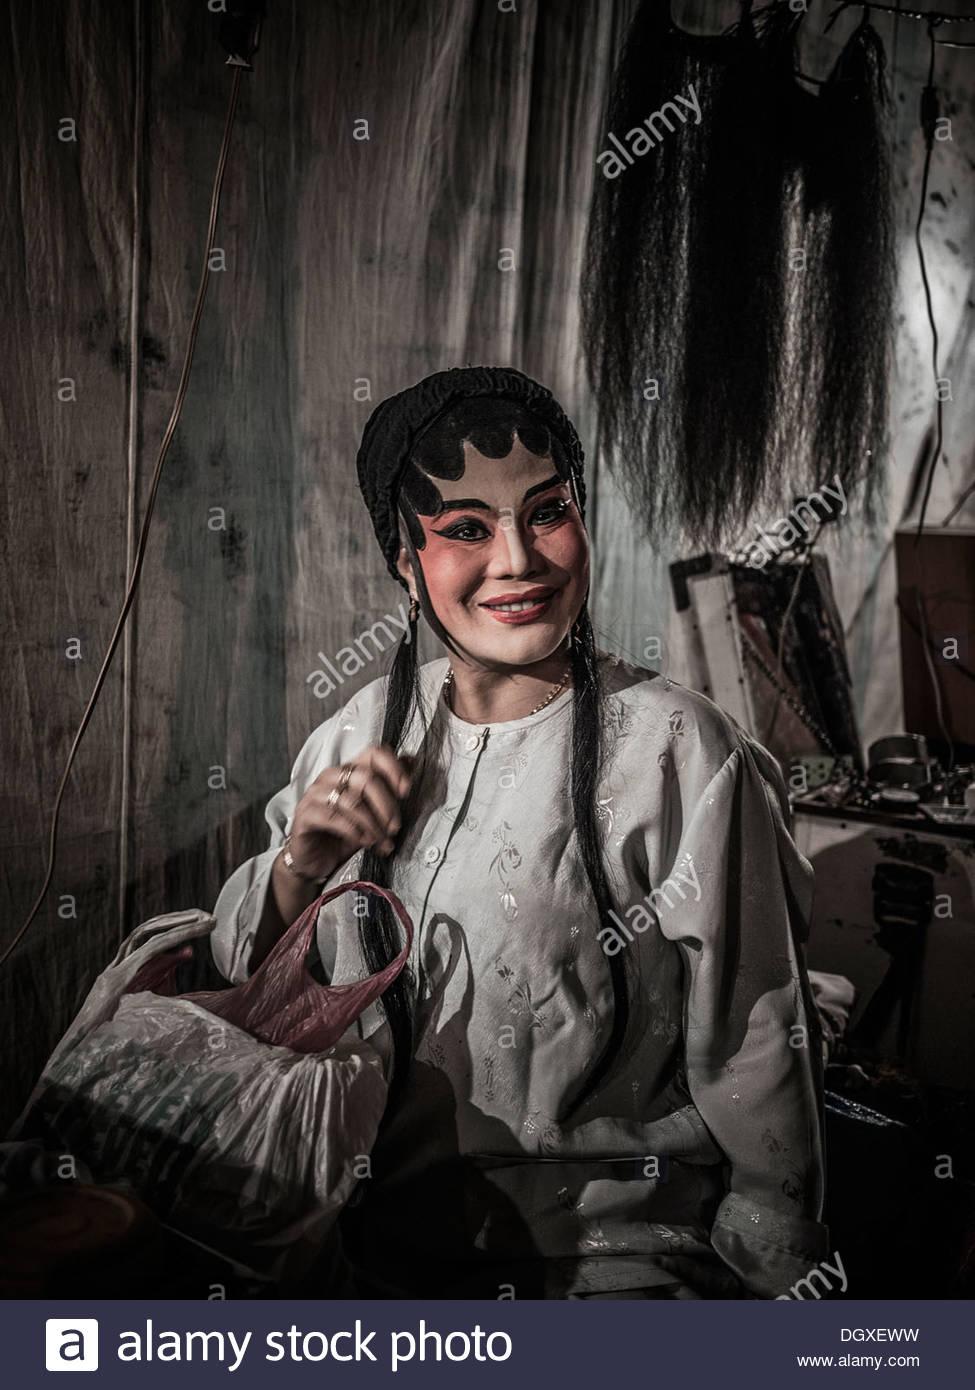 Opera Cinese attore in piena make up e costumi dietro le quinte prima di una performance. Thailandia SUDEST ASIATICO Immagini Stock